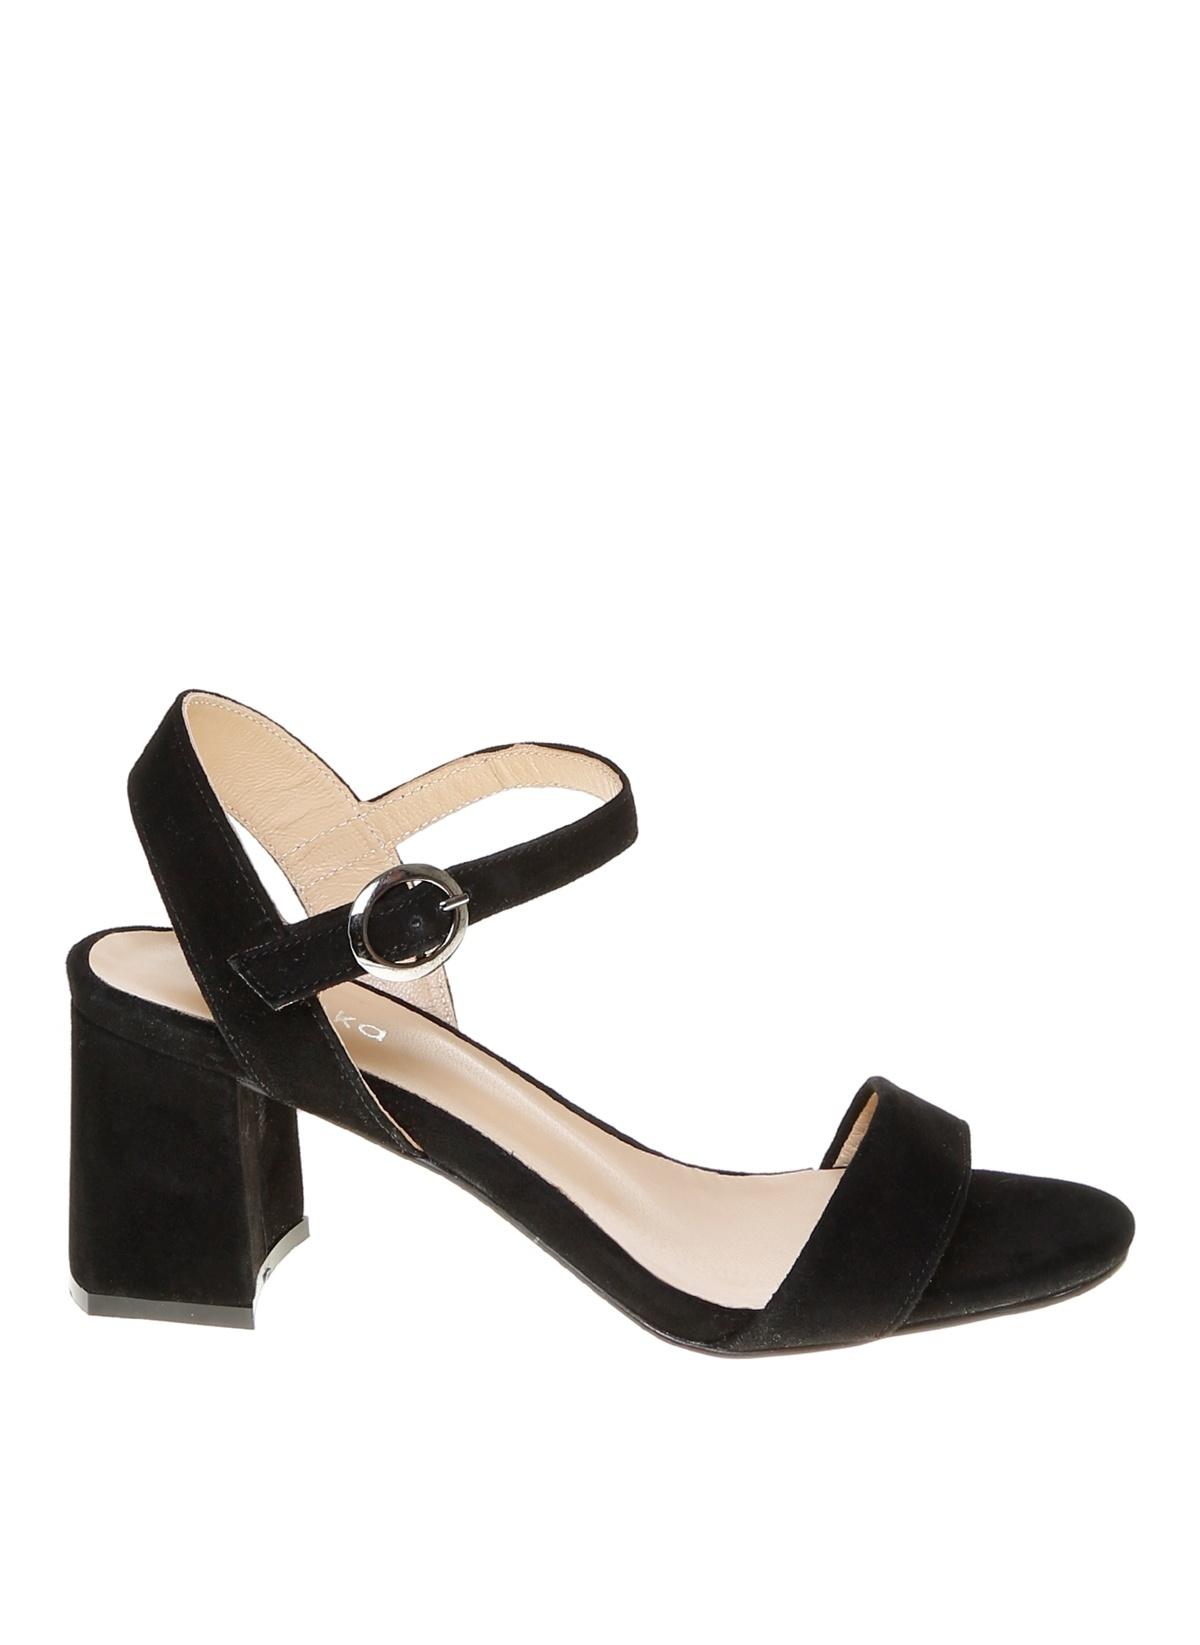 Fabrika Sandalet 18-perm Sandalet – 259.99 TL